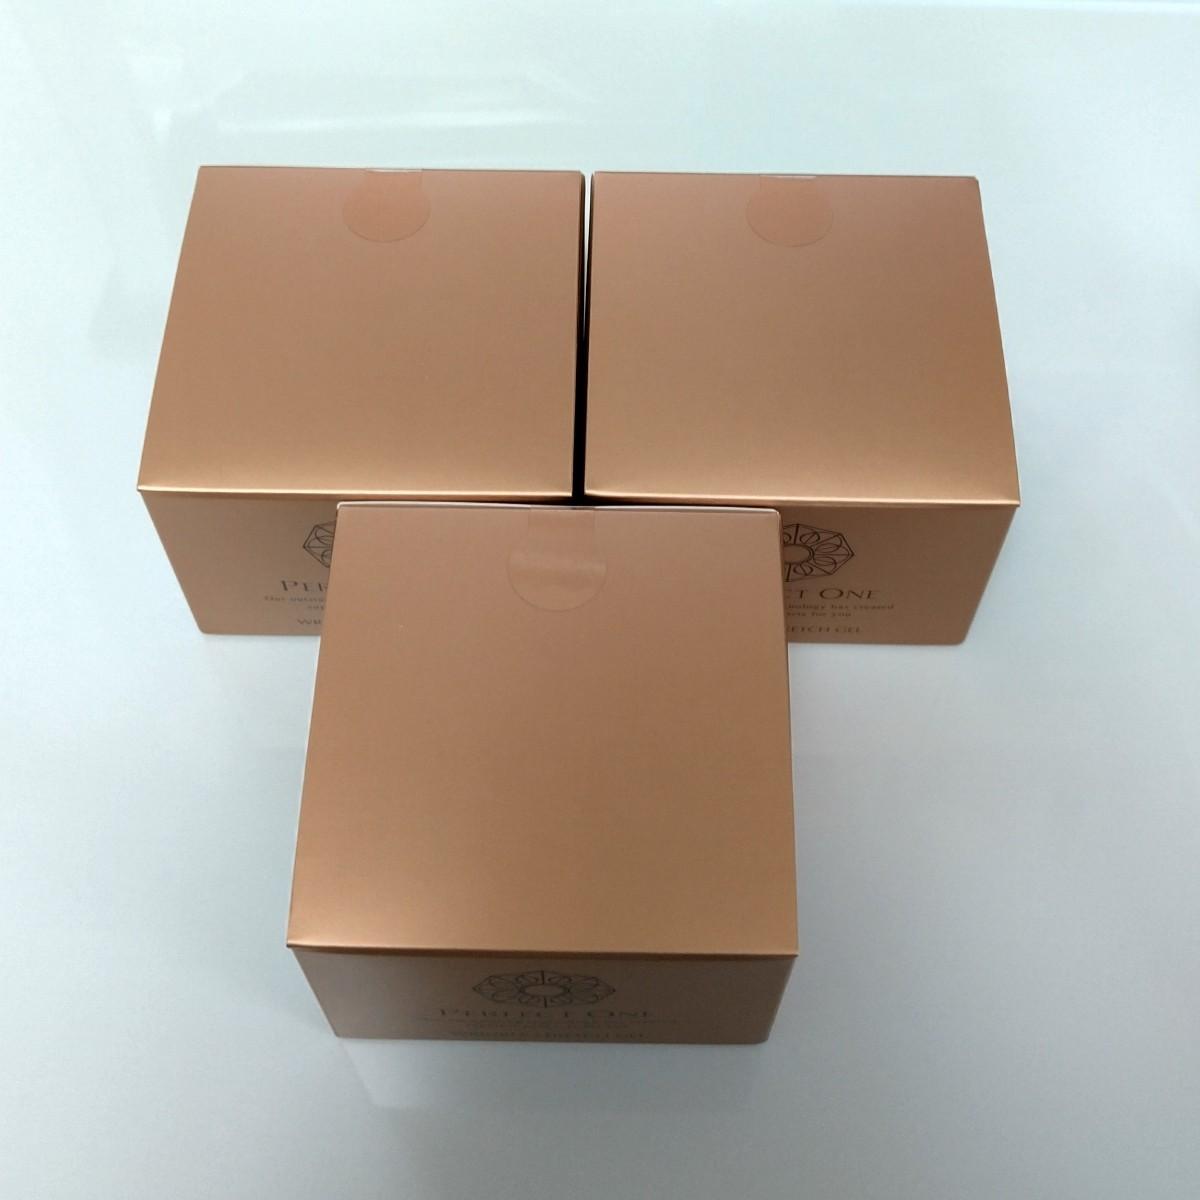 パーフェクトワン 薬用リンクルストレッチジェル 50g×3箱〈美容液ジェル〉